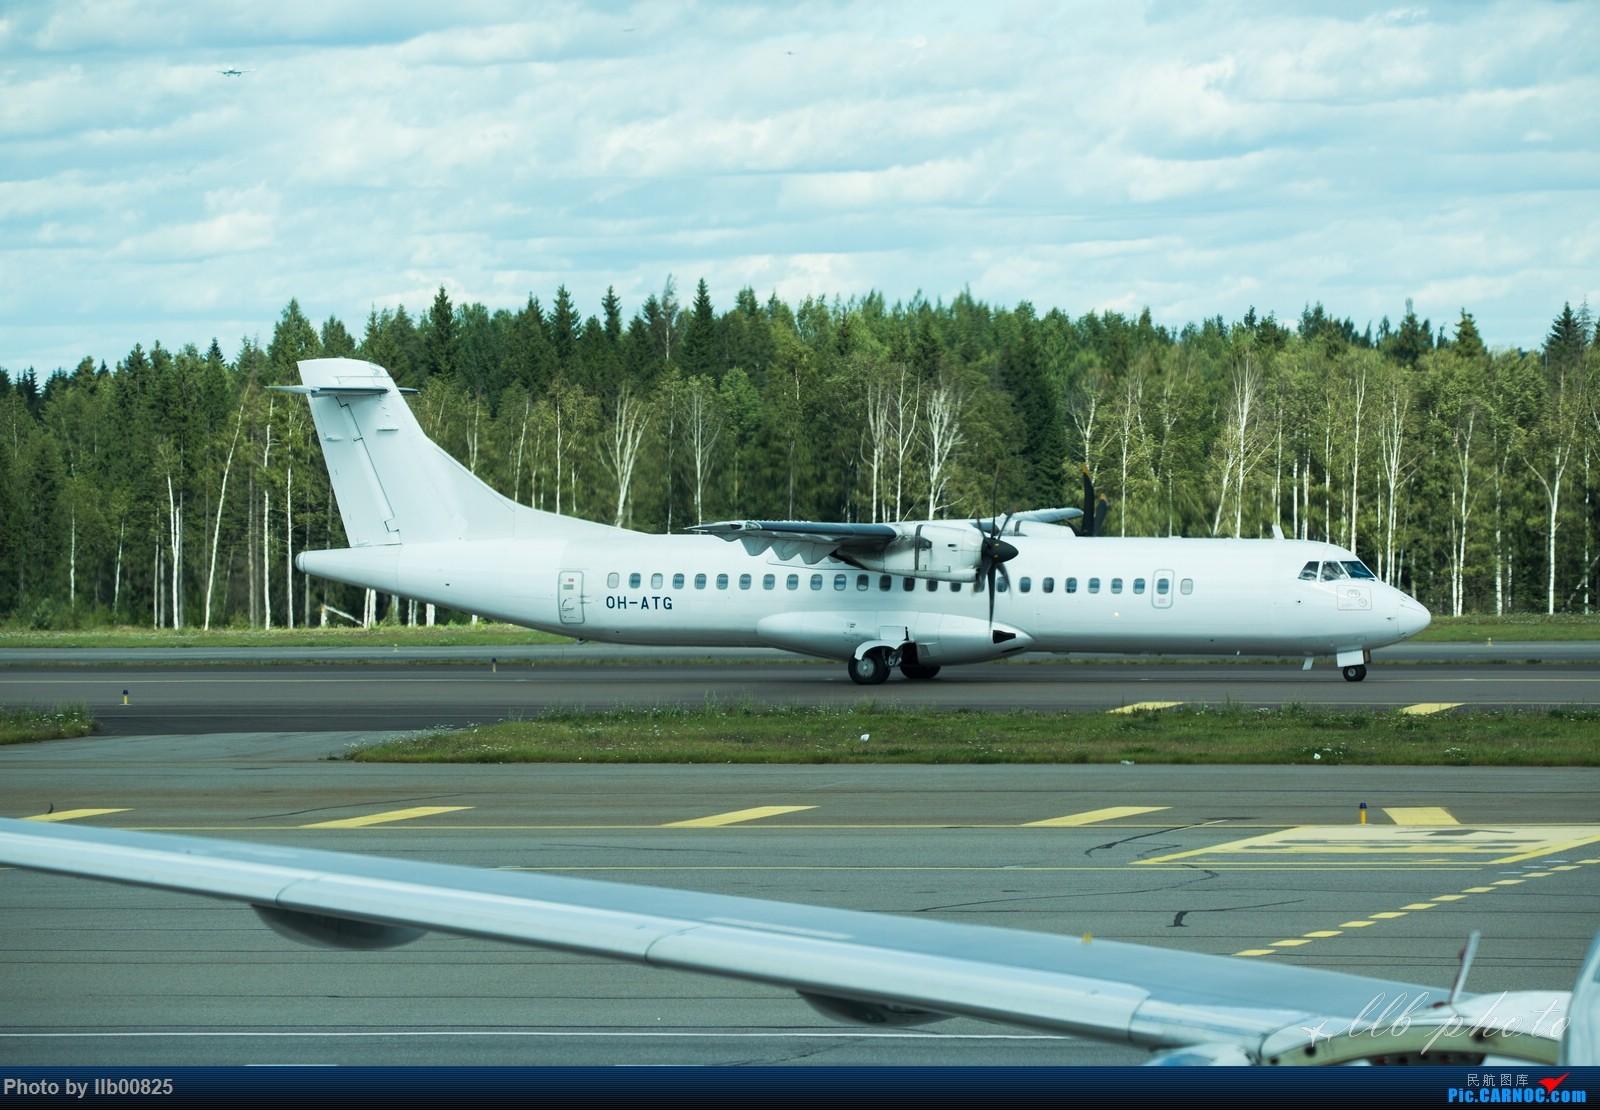 Re:[原创]赫尔辛基-布鲁塞尔一些杂图 ATR-72 OH-ATG 芬兰赫尔辛基机场